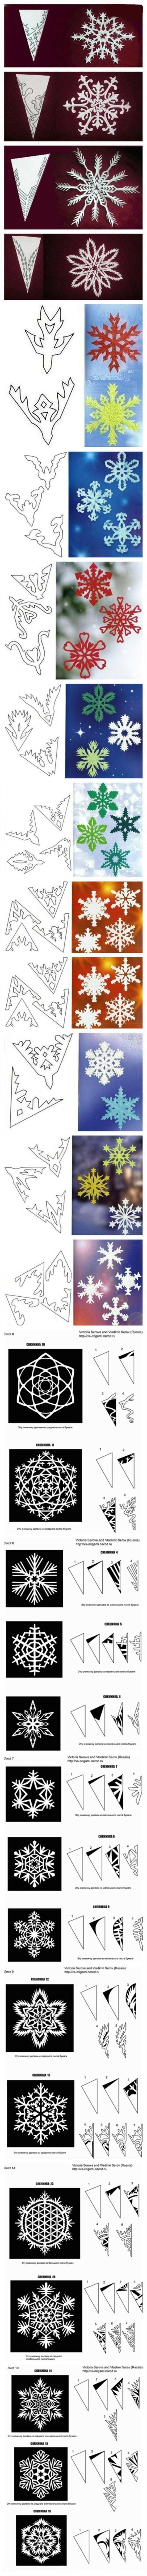 剪纸是很多人都非常喜欢的,如果是遇到自己喜欢的花样一定是很幸福的事。其实小编想说,雪花的样式不就是很好看呢,如果以前大家没有仔细观察,今天不妨来仔细看下吧!   工具/原料   剪刀、纸   步骤方法   雪花剪纸方法大全,各种图案的雪花都可以通过简单剪纸得到。很简单漂亮的小手工制作,小伙伴们都来试试看吧,剪出很多雪花贴到玻璃上,体验一下夏天飘雪花的奇异感受。